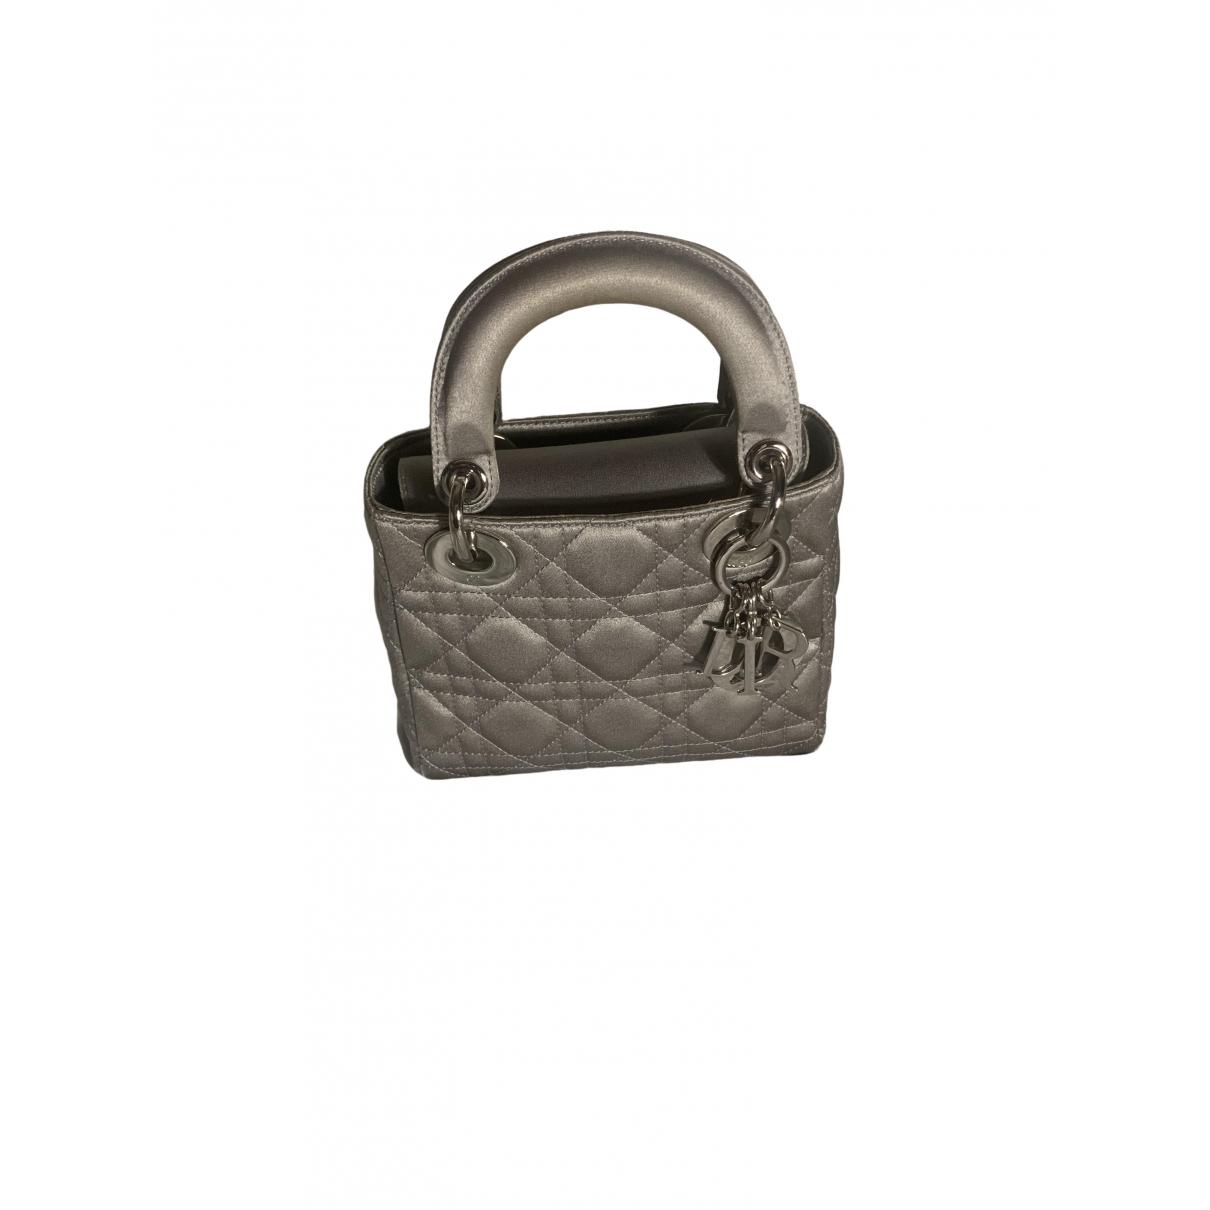 Dior - Sac a main Lady Dior pour femme en soie - argente